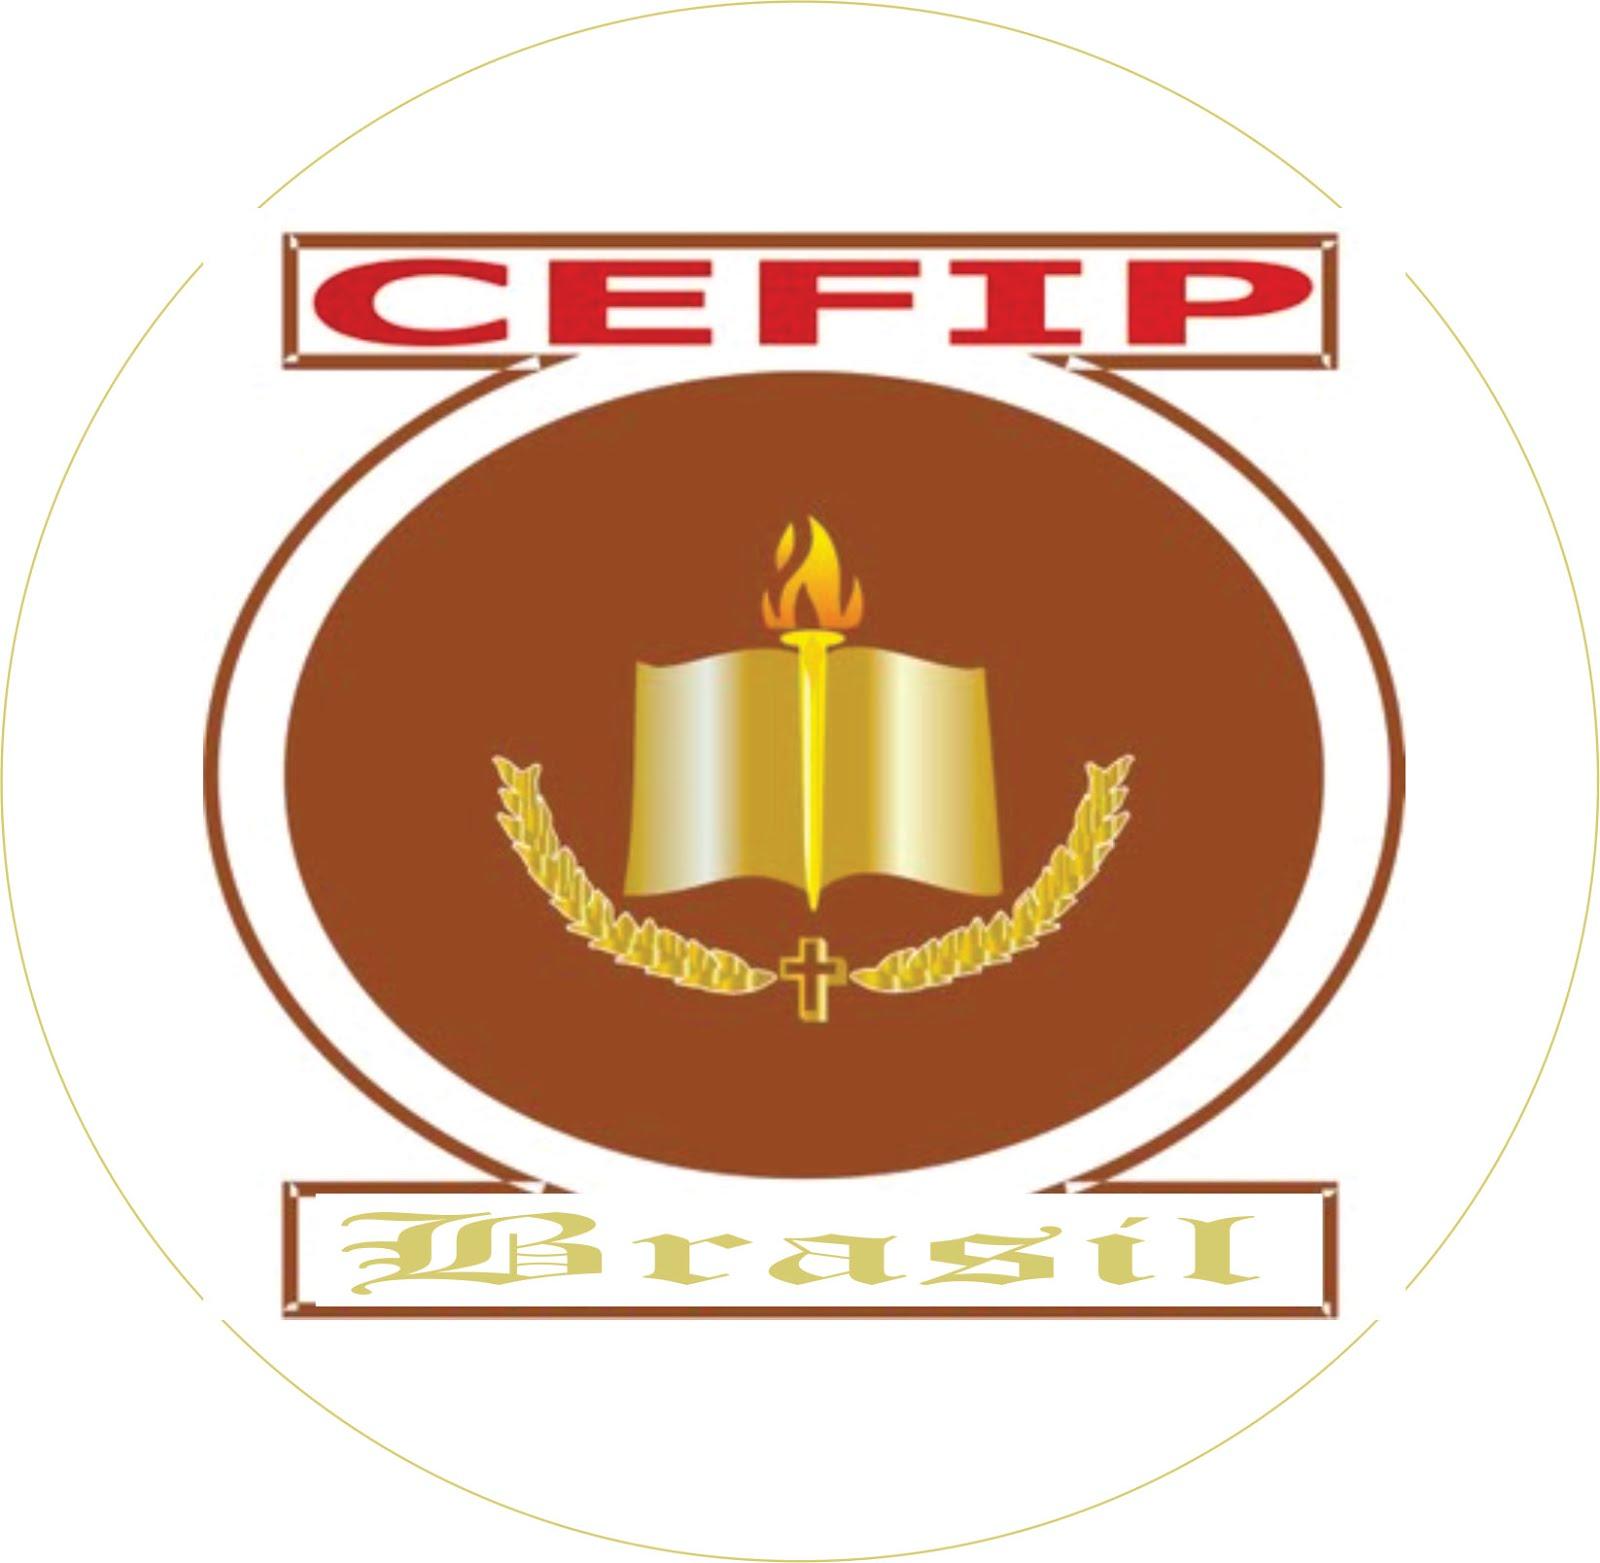 CEFIP-Brasil